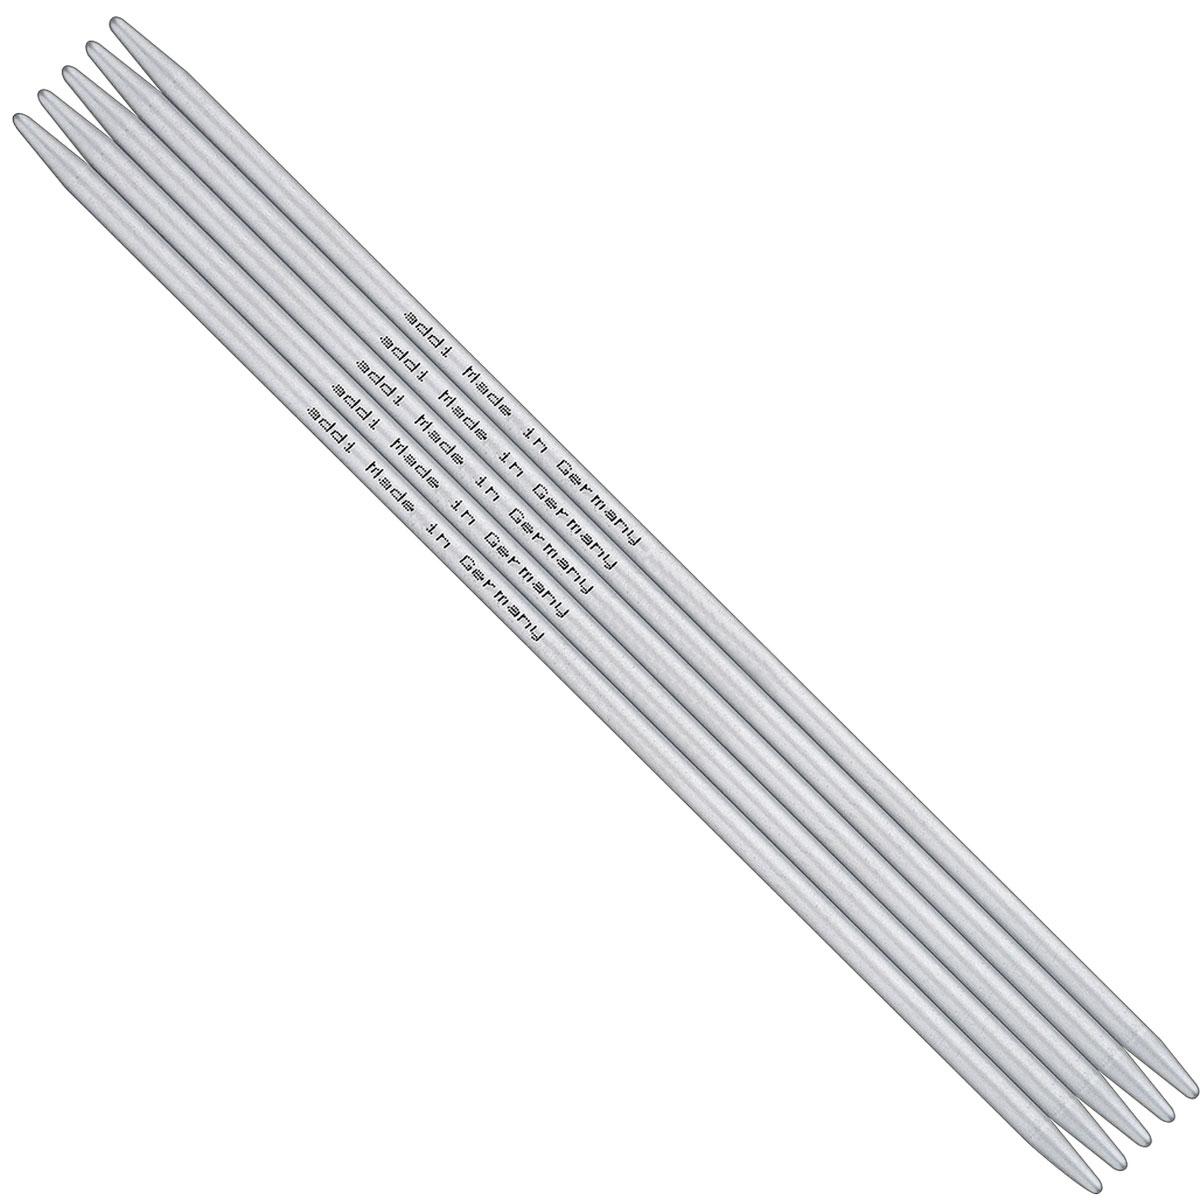 ADDI Спицы, чулочные, алюминий, №3,25, 20 см, 5 шт в блистере201-7/3.25-20Солидные и легкие чулочные спицы из высококачественного алюминия addi обладают прекрасными тактильными качествами и благородным серебристо-матовым цветом. Уникальный стук при вязании радует слух. За счет гладкой поверхности работать с ними легко и удобно. На саму спицу, как и на других артикулах, нанесен размер, длина и знаменитое Made in Germany.